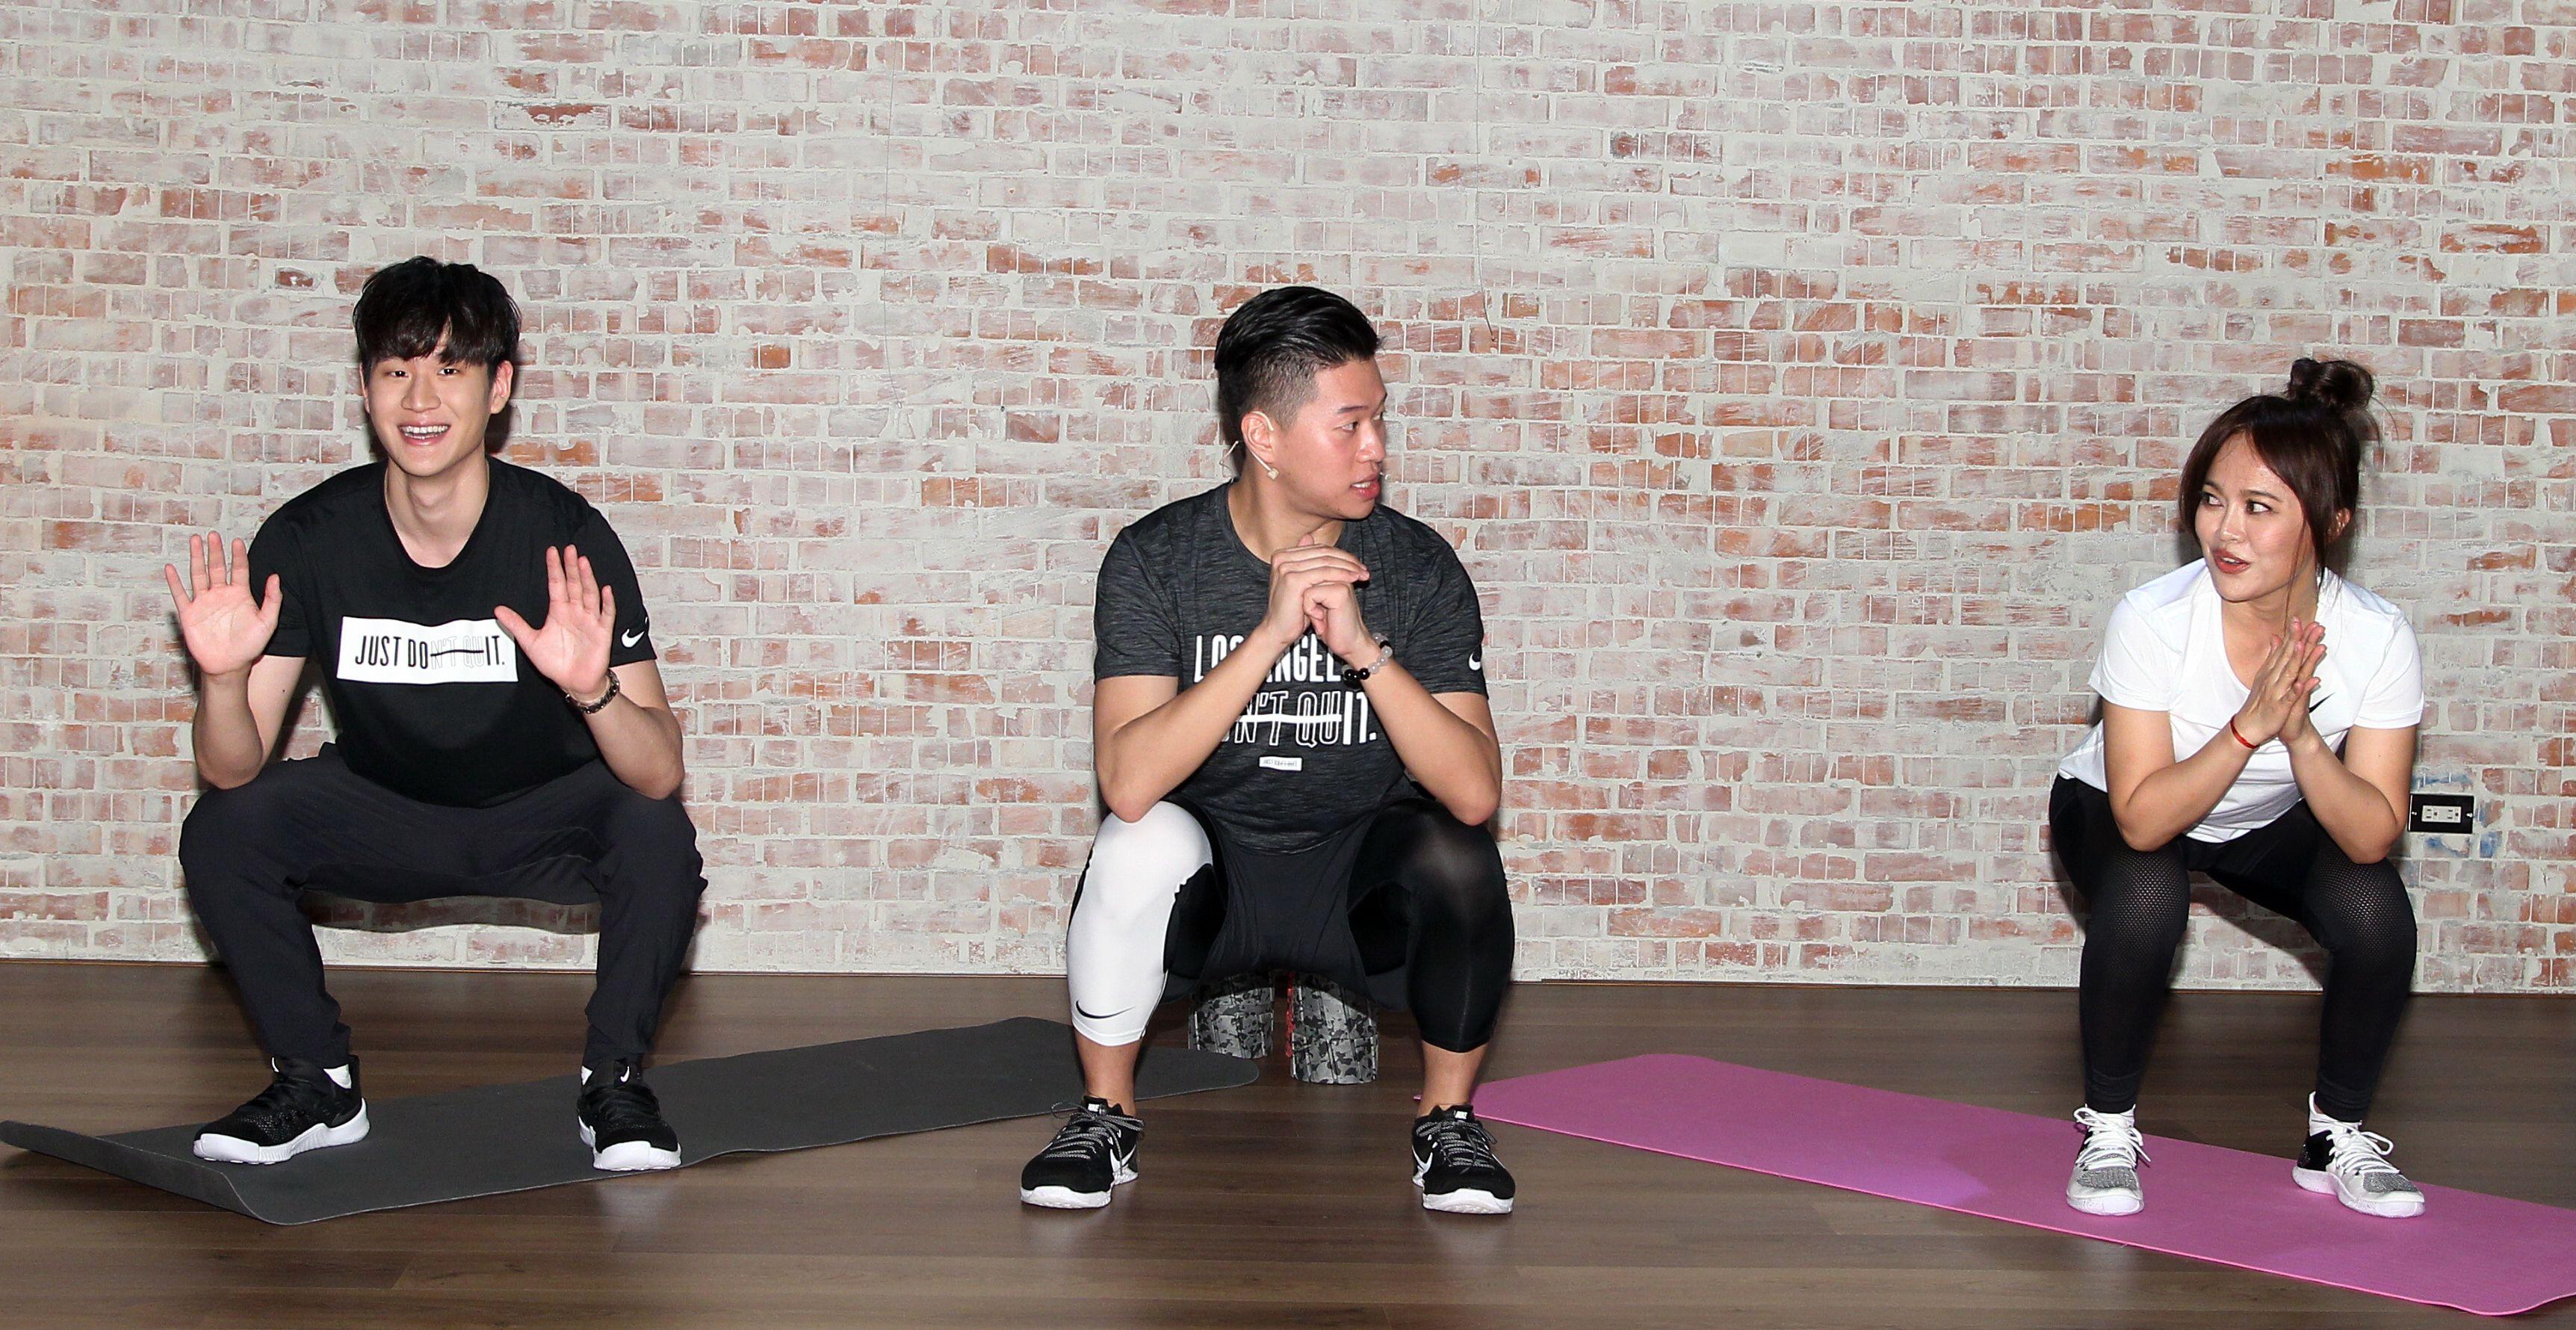 2018 hito流行音樂獎周興哲戴愛玲暖身,體能訓練激發舞台爆發力。(記者邱榮吉/攝影)